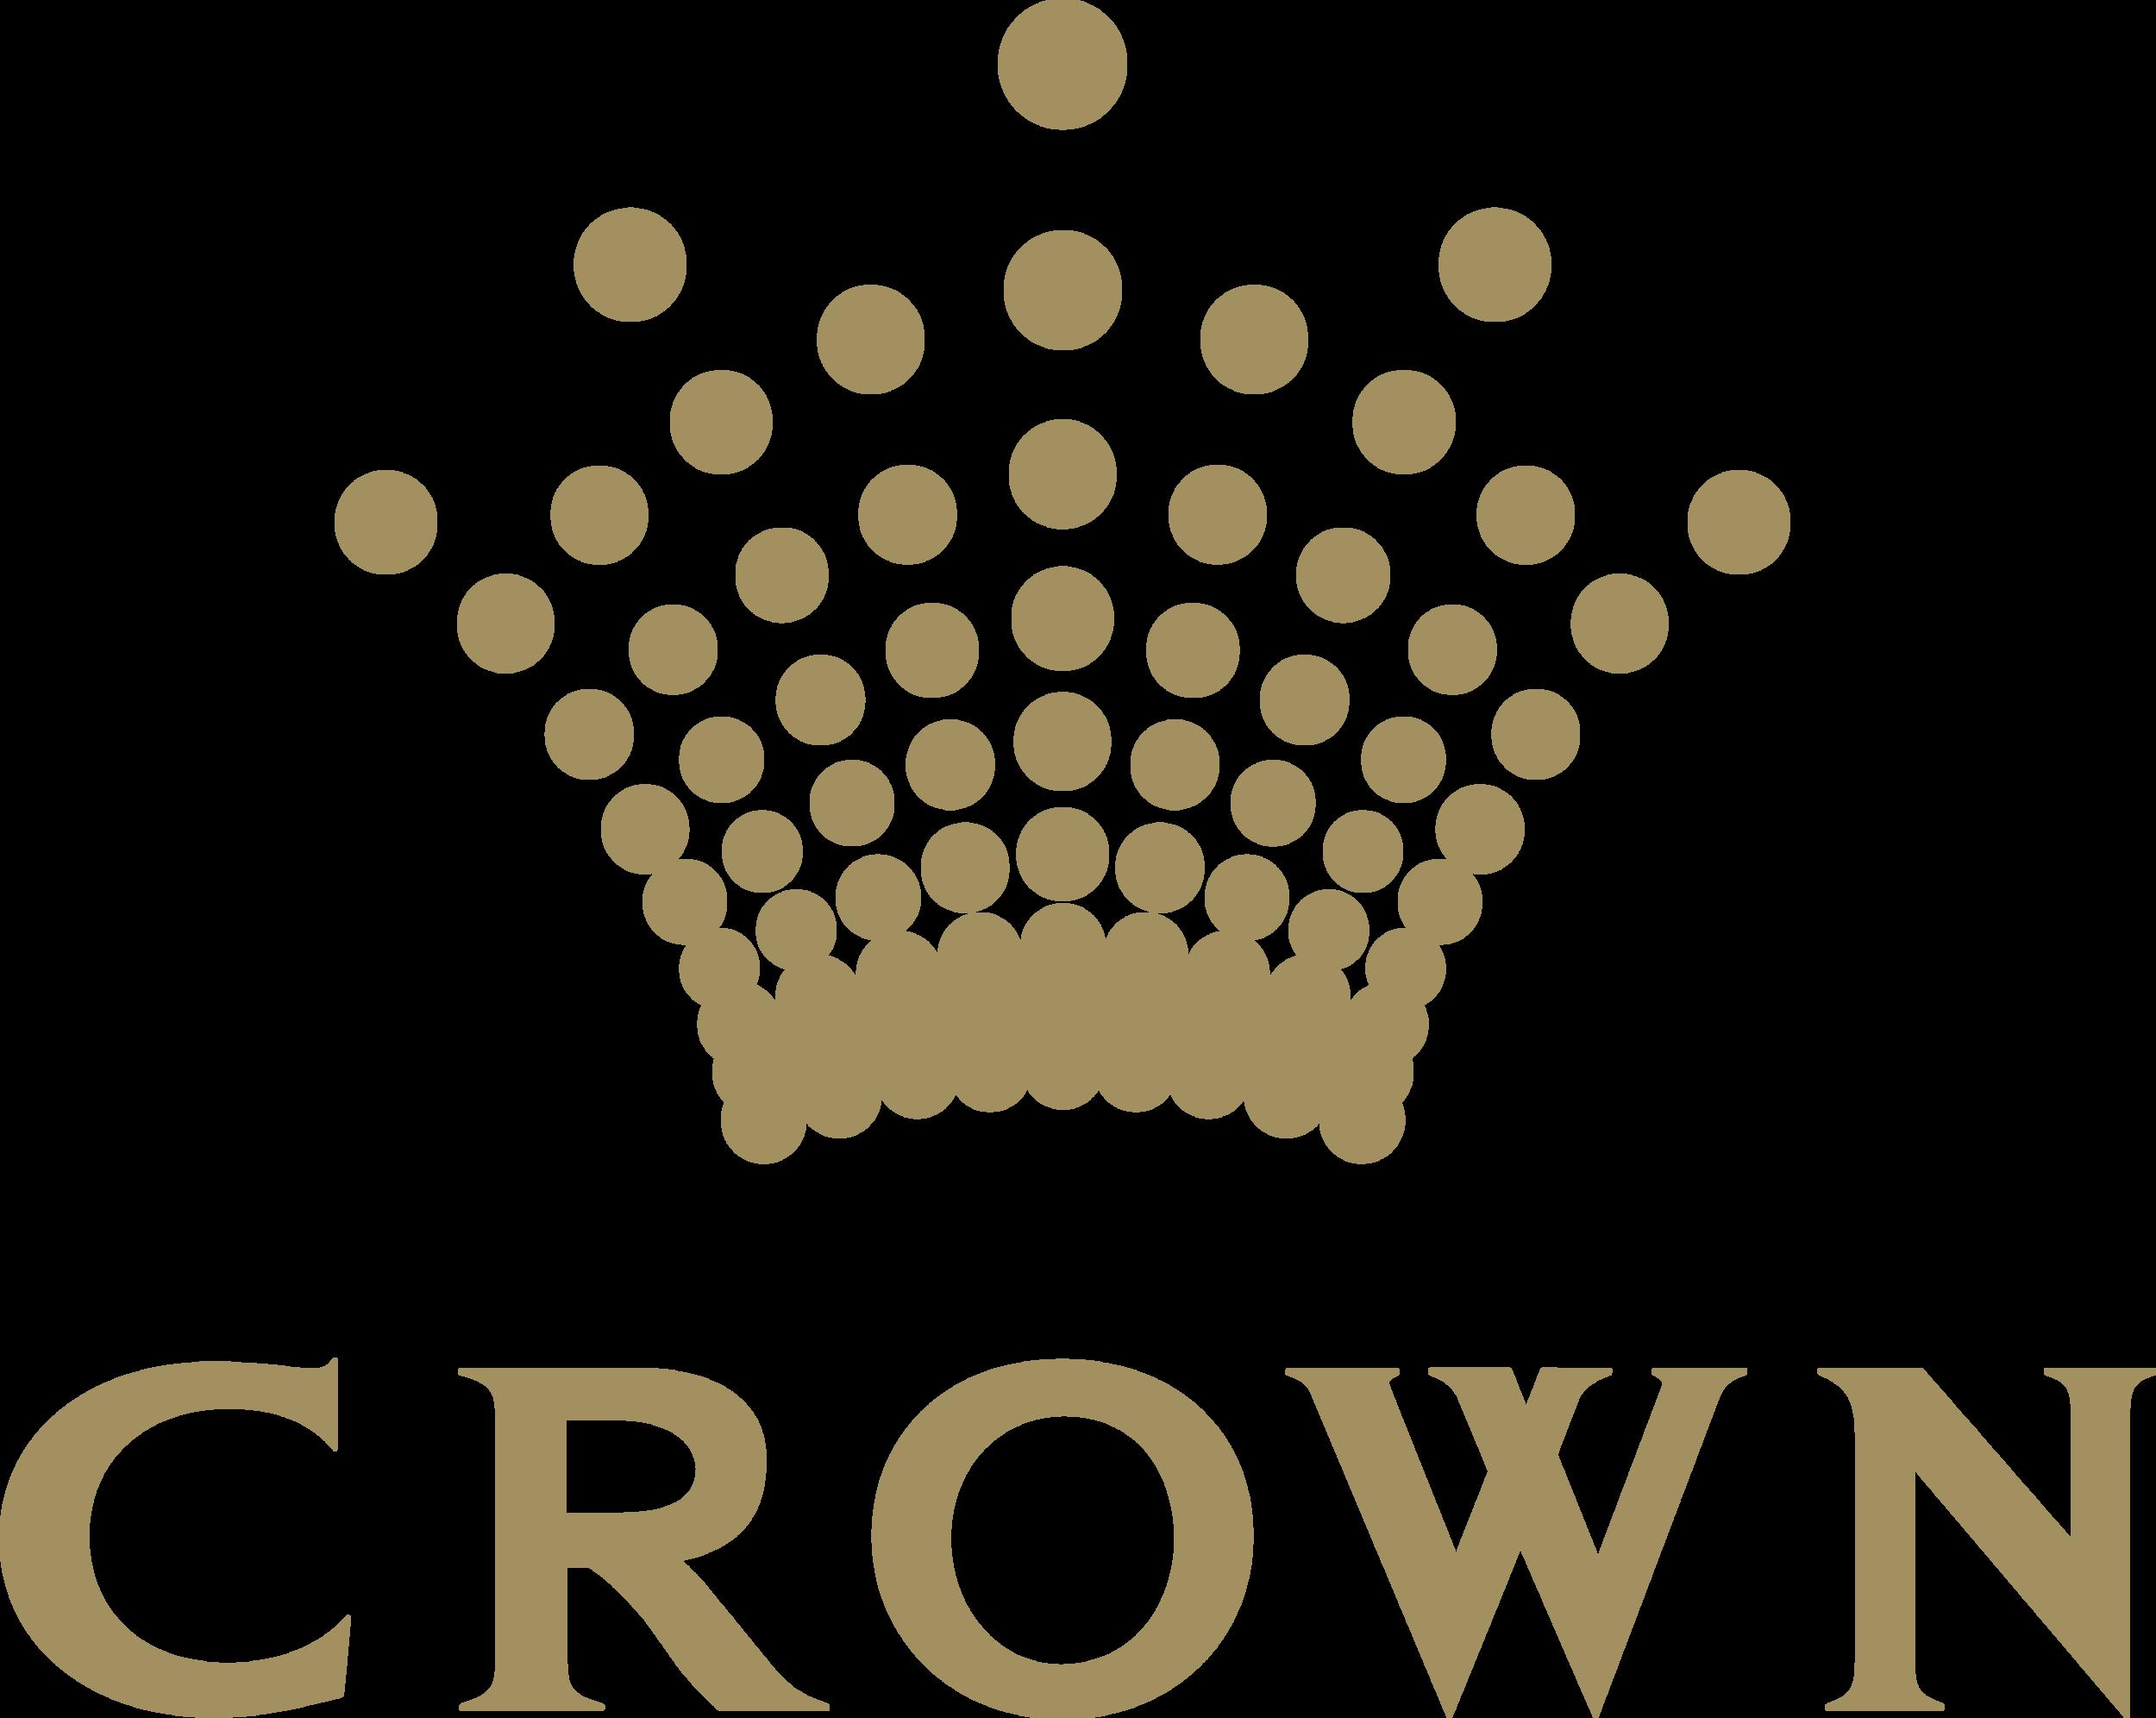 Crown Logo.png